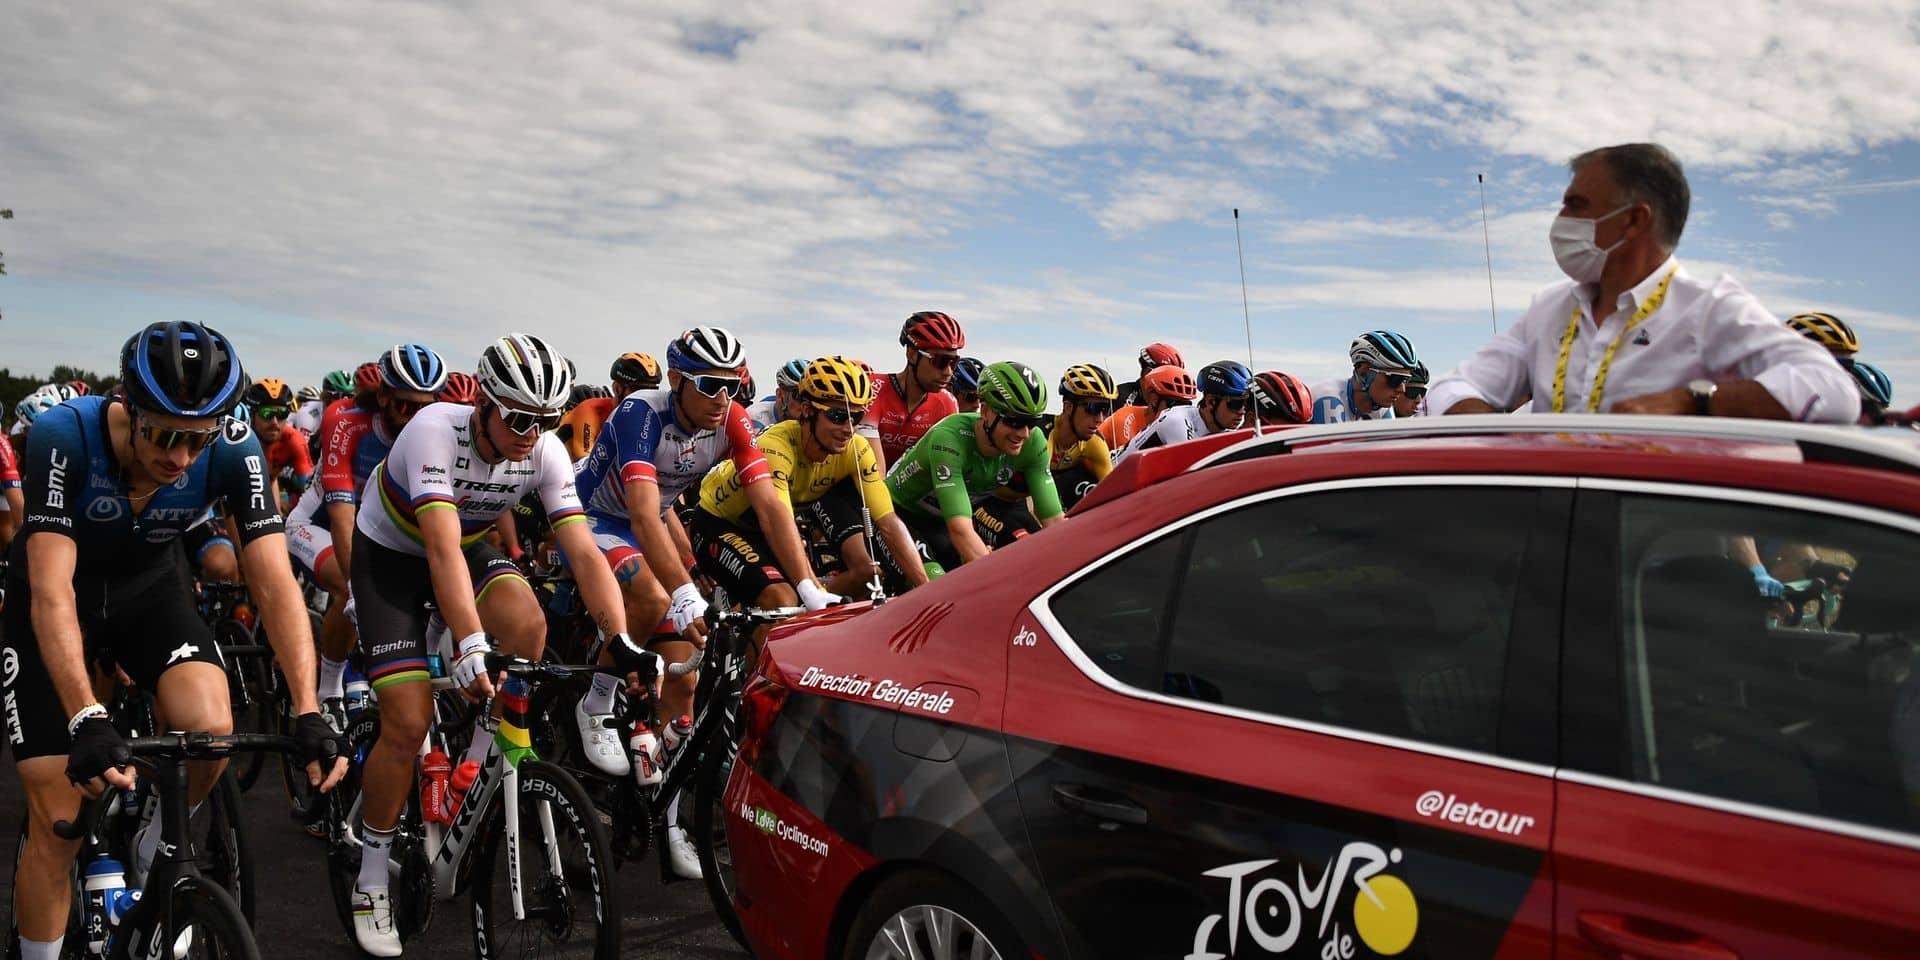 Tour de France: aucun coureur n'a été testé positif au Covid-19 lors de la seconde batterie de tests